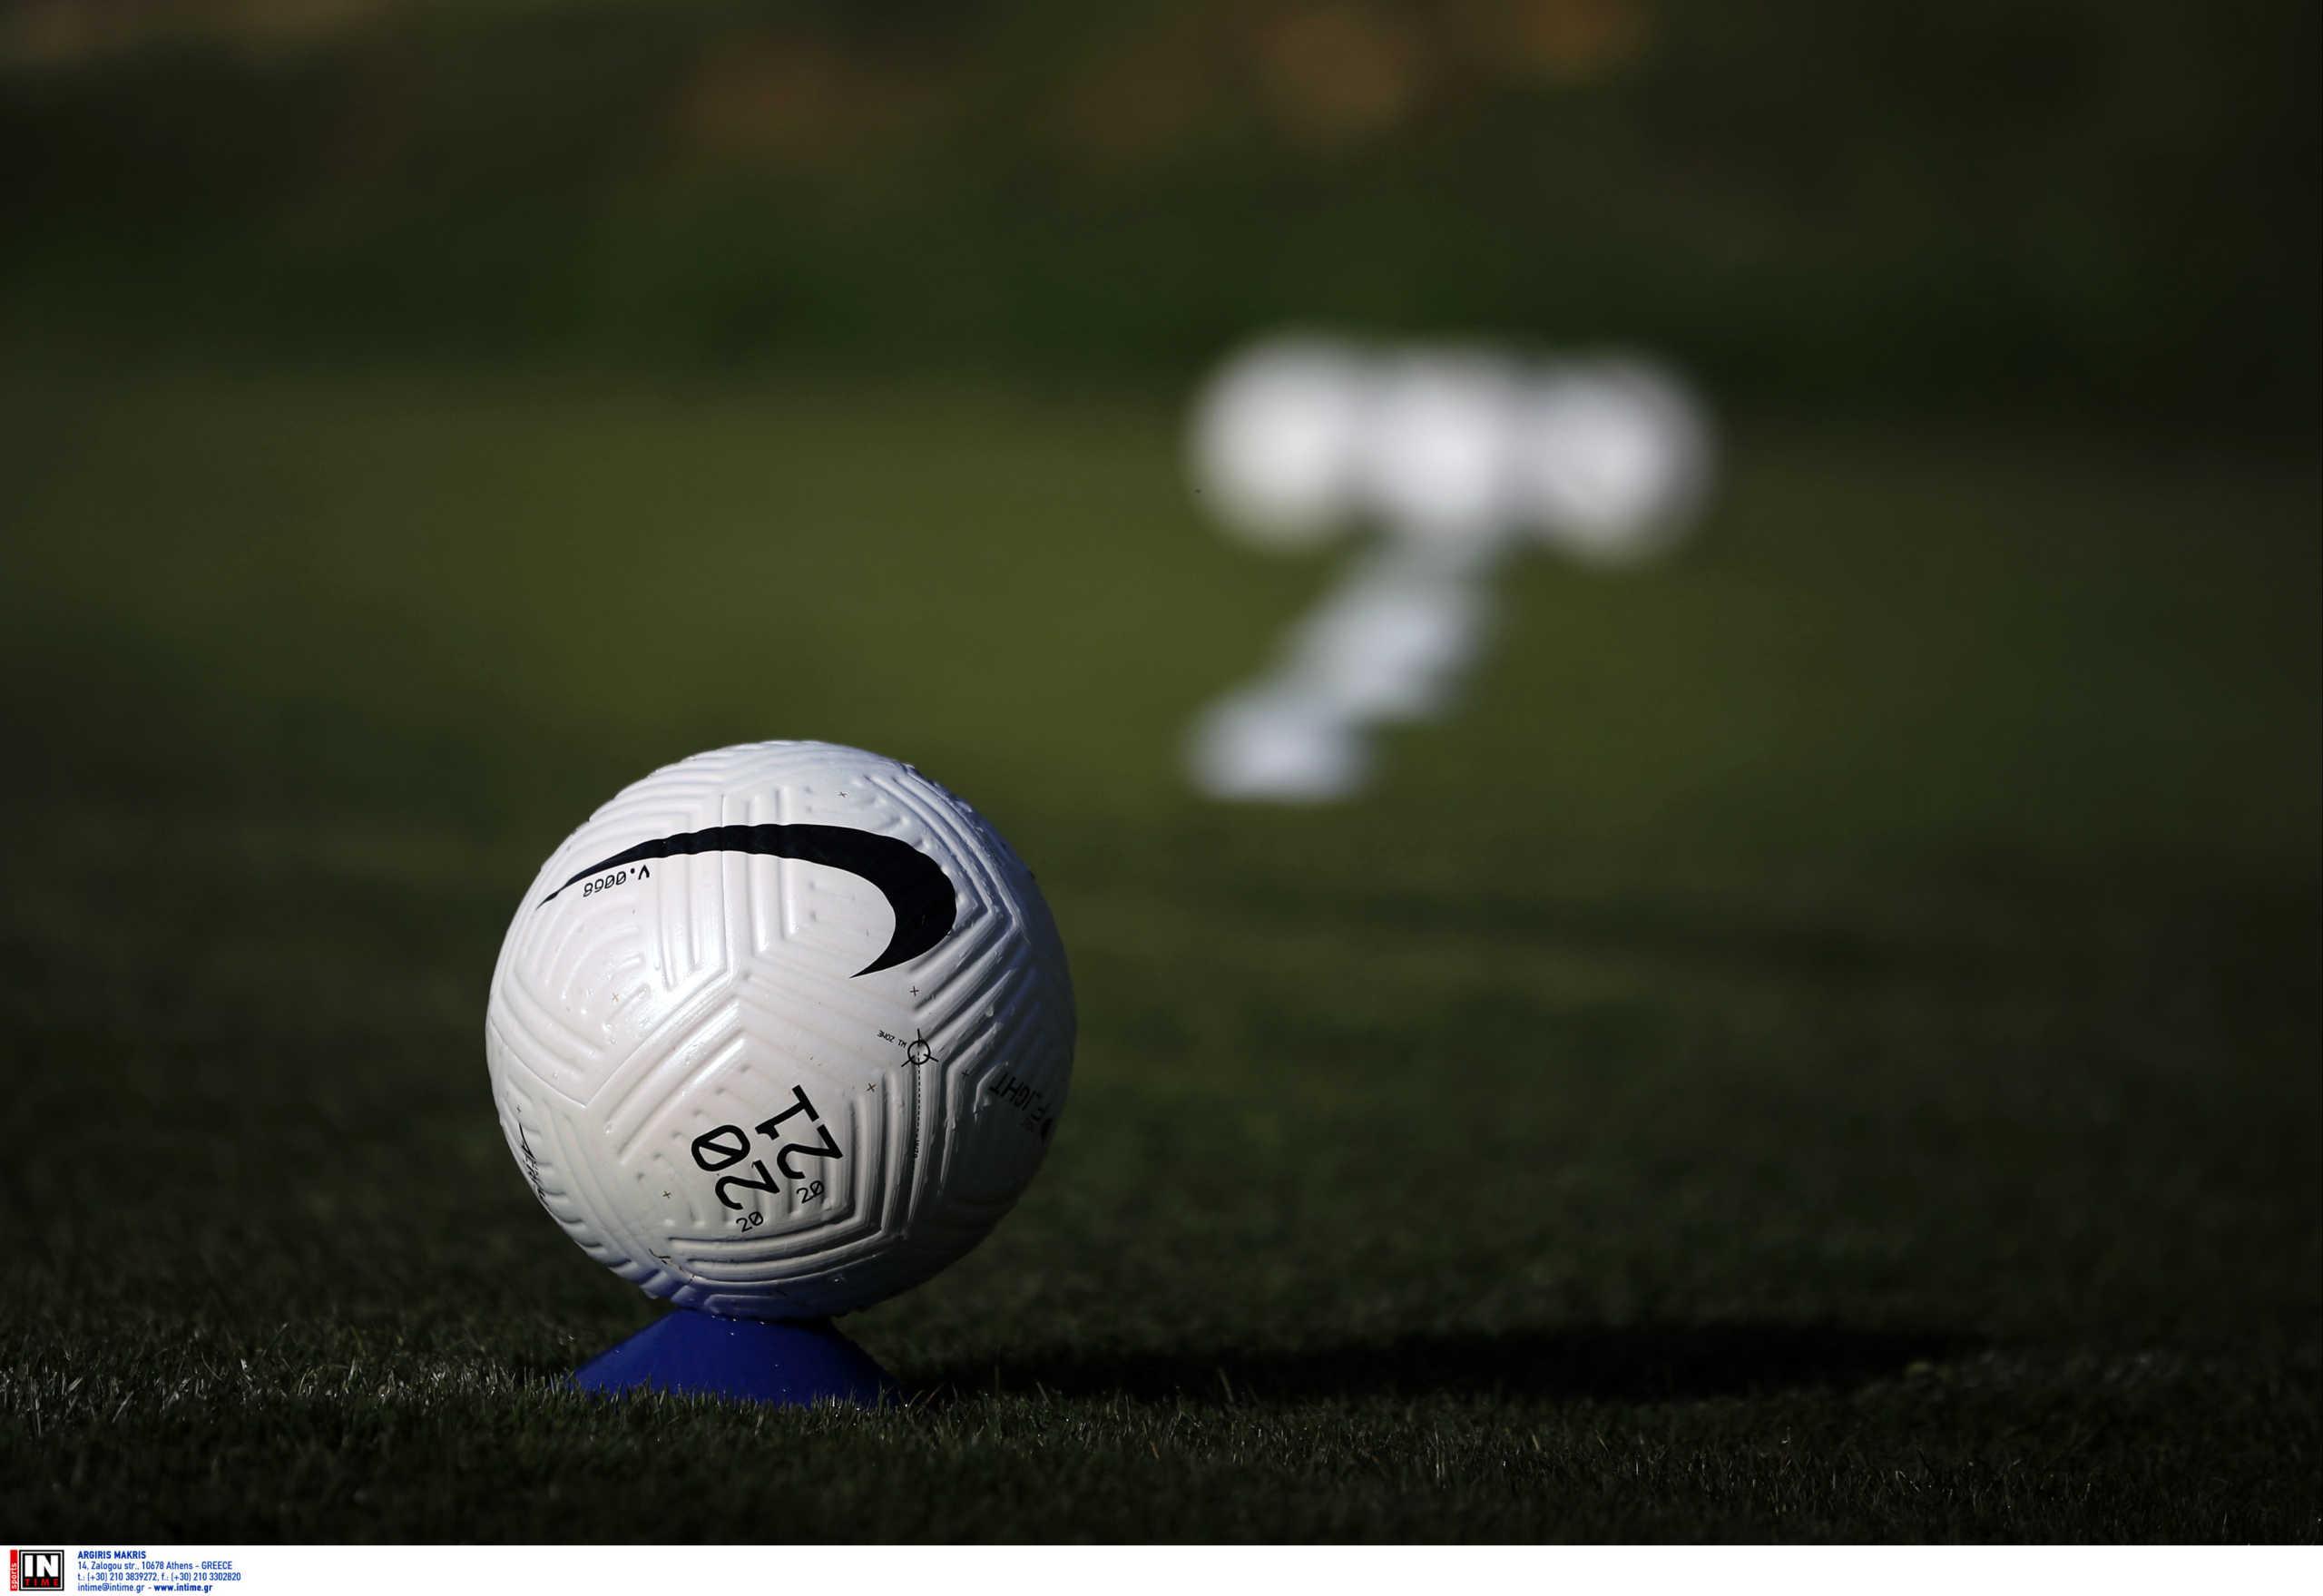 Θρήνος στα Γιαννιτσά: 25χρονος ποδοσφαιριστής πέθανε από ανακοπή